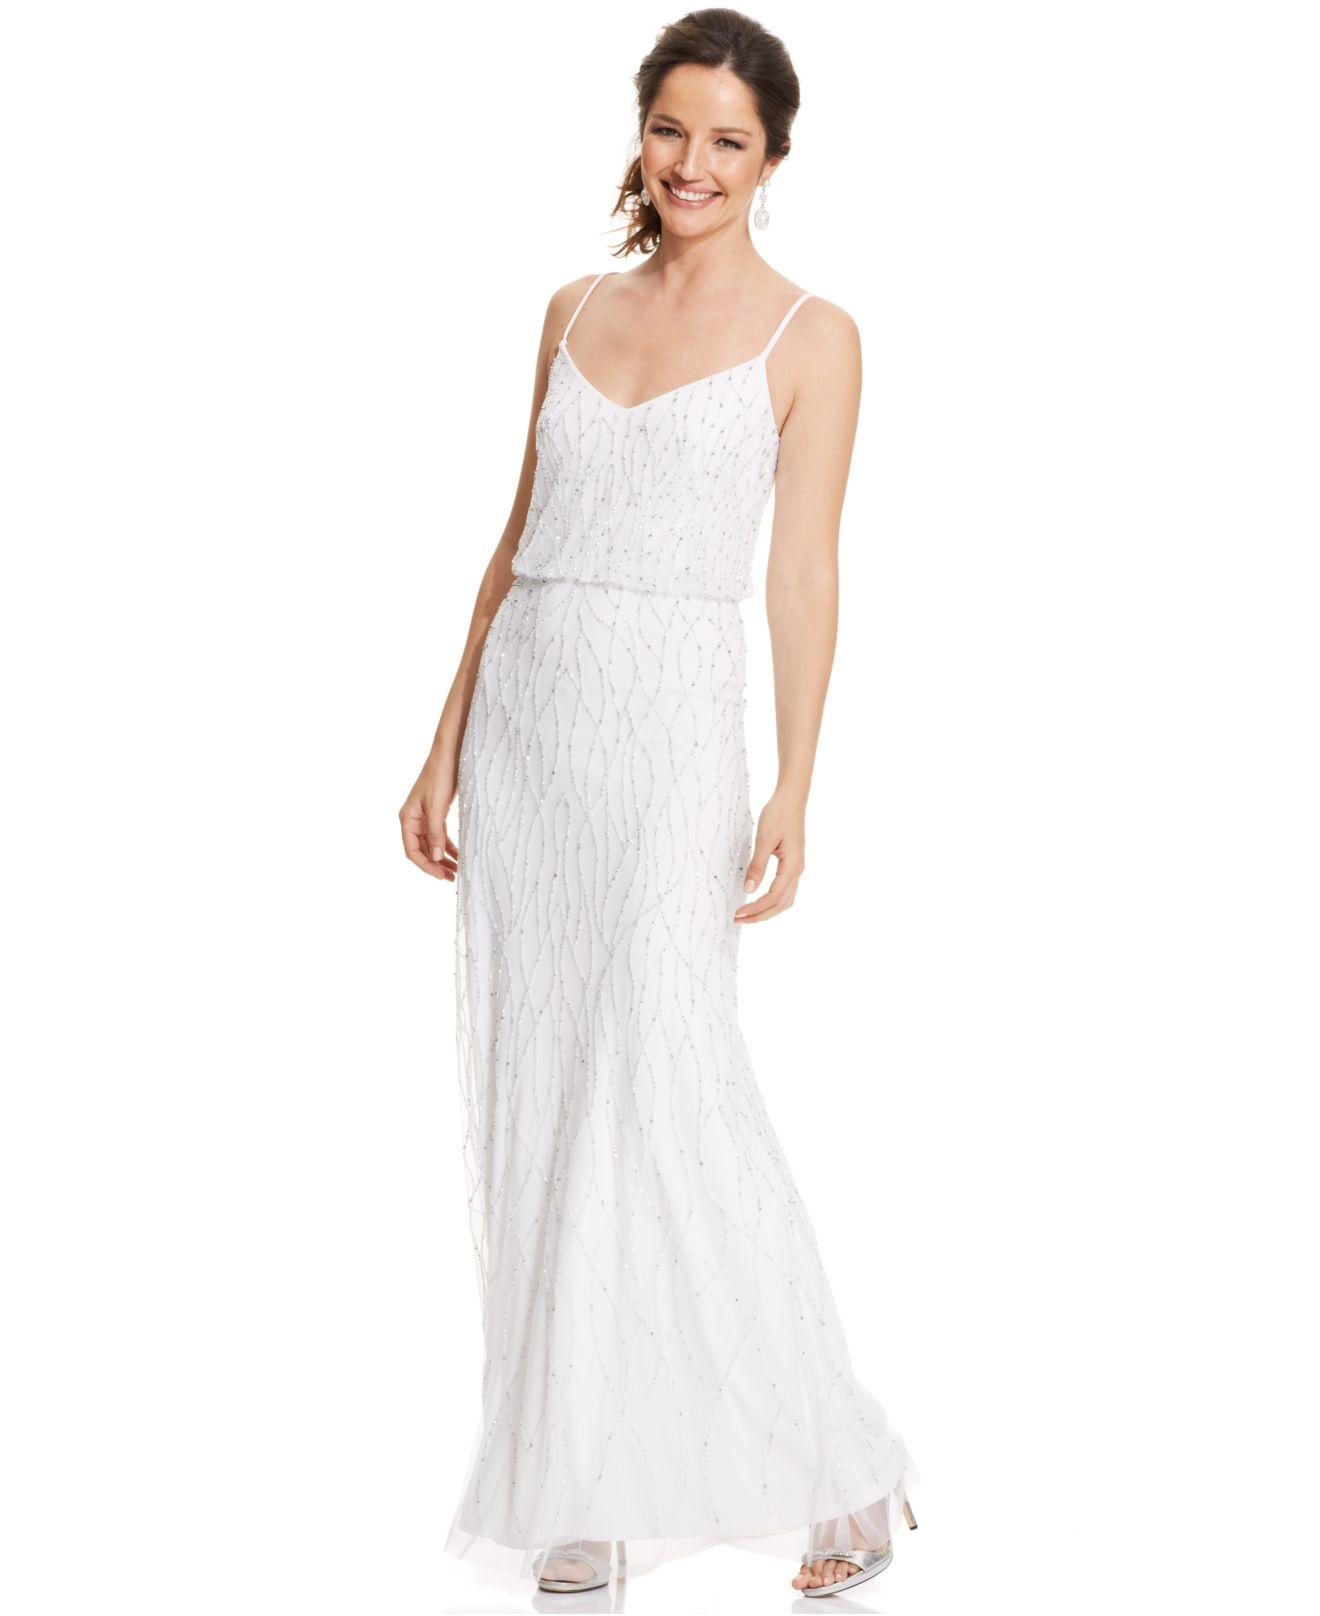 Lyst - Adrianna Papell Sleeveless Beaded Blouson Dress in White